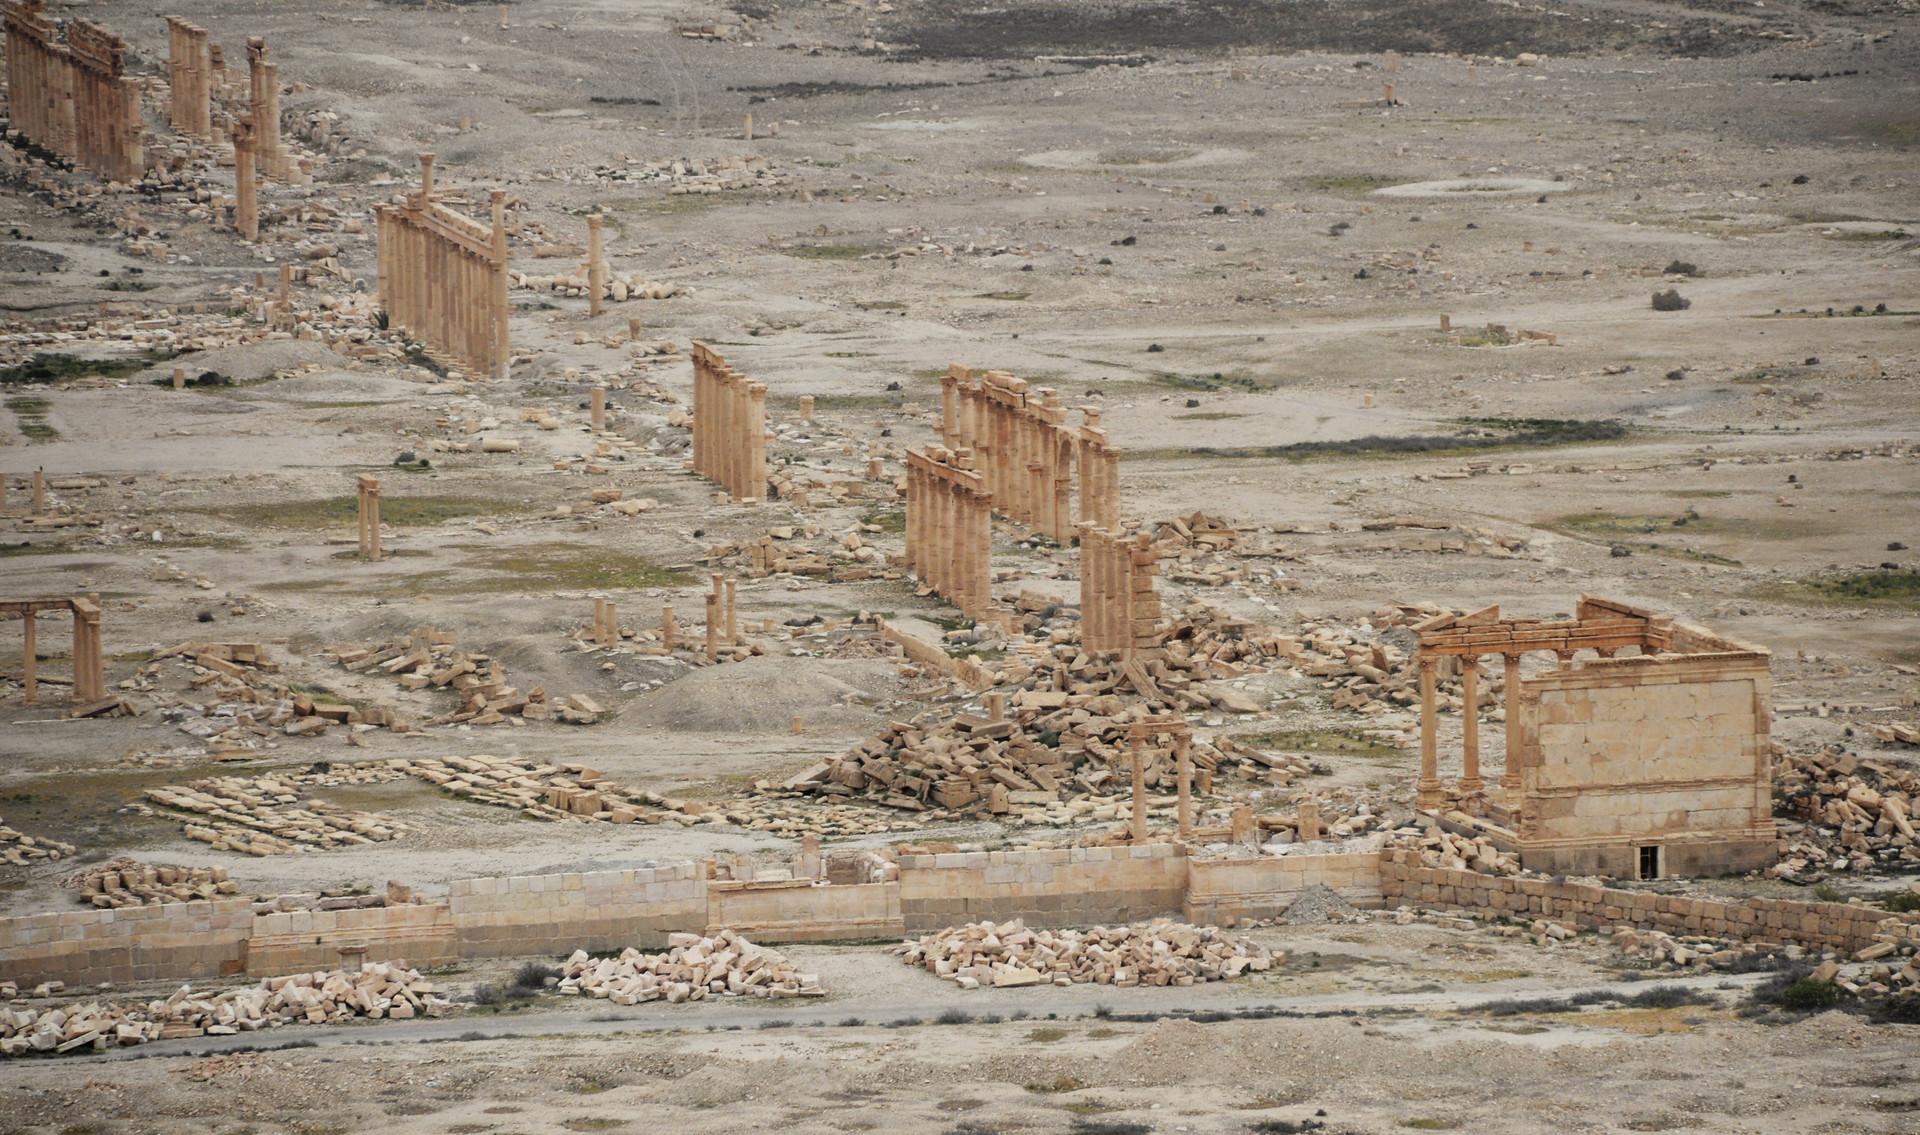 La parte antigua de la histórica ciudad de Palmira, donde el Ejército sirio y la milicia Halcones del Desierto luchan contra el Estado Islámico, 26 de marzo.